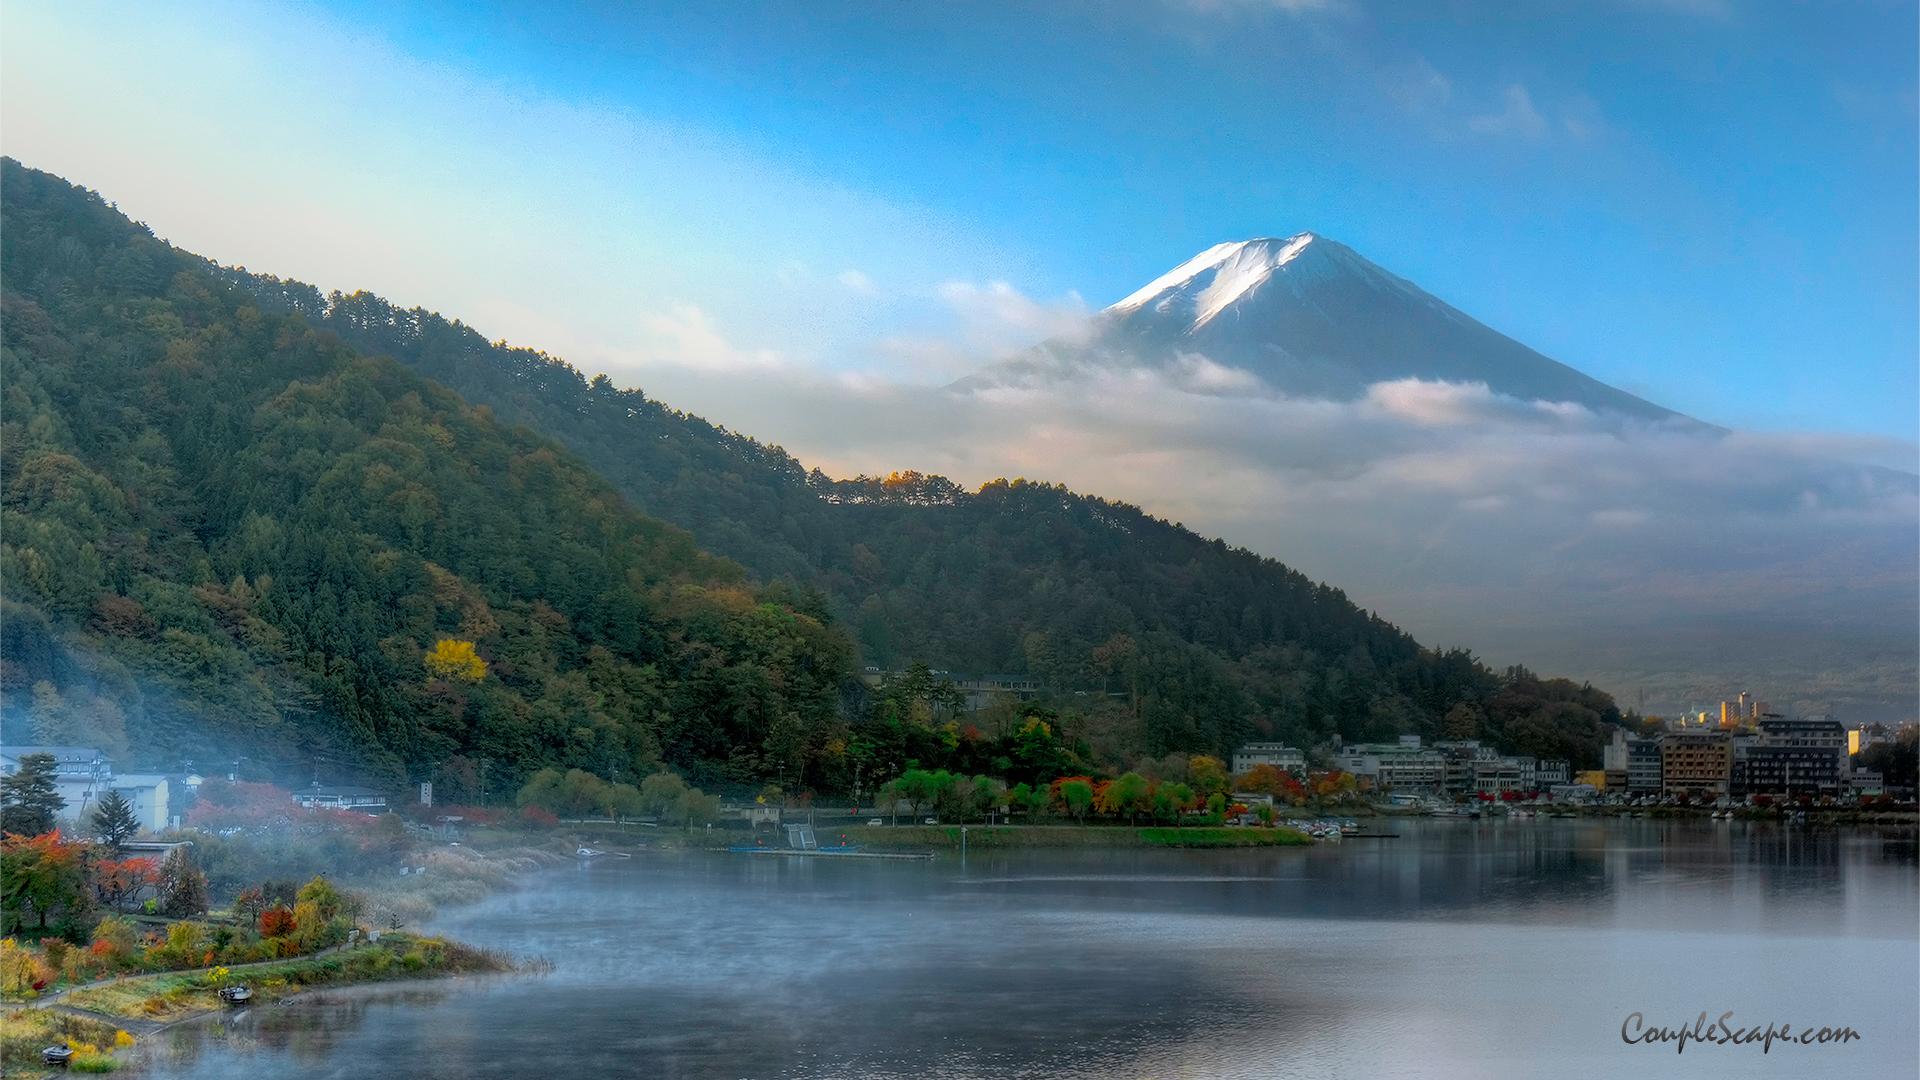 10 ขั้นตอน วางแผนเที่ยวญี่ปุ่นดัวยตัวเองสำหรับมือใหม่ ตอนที่ 1